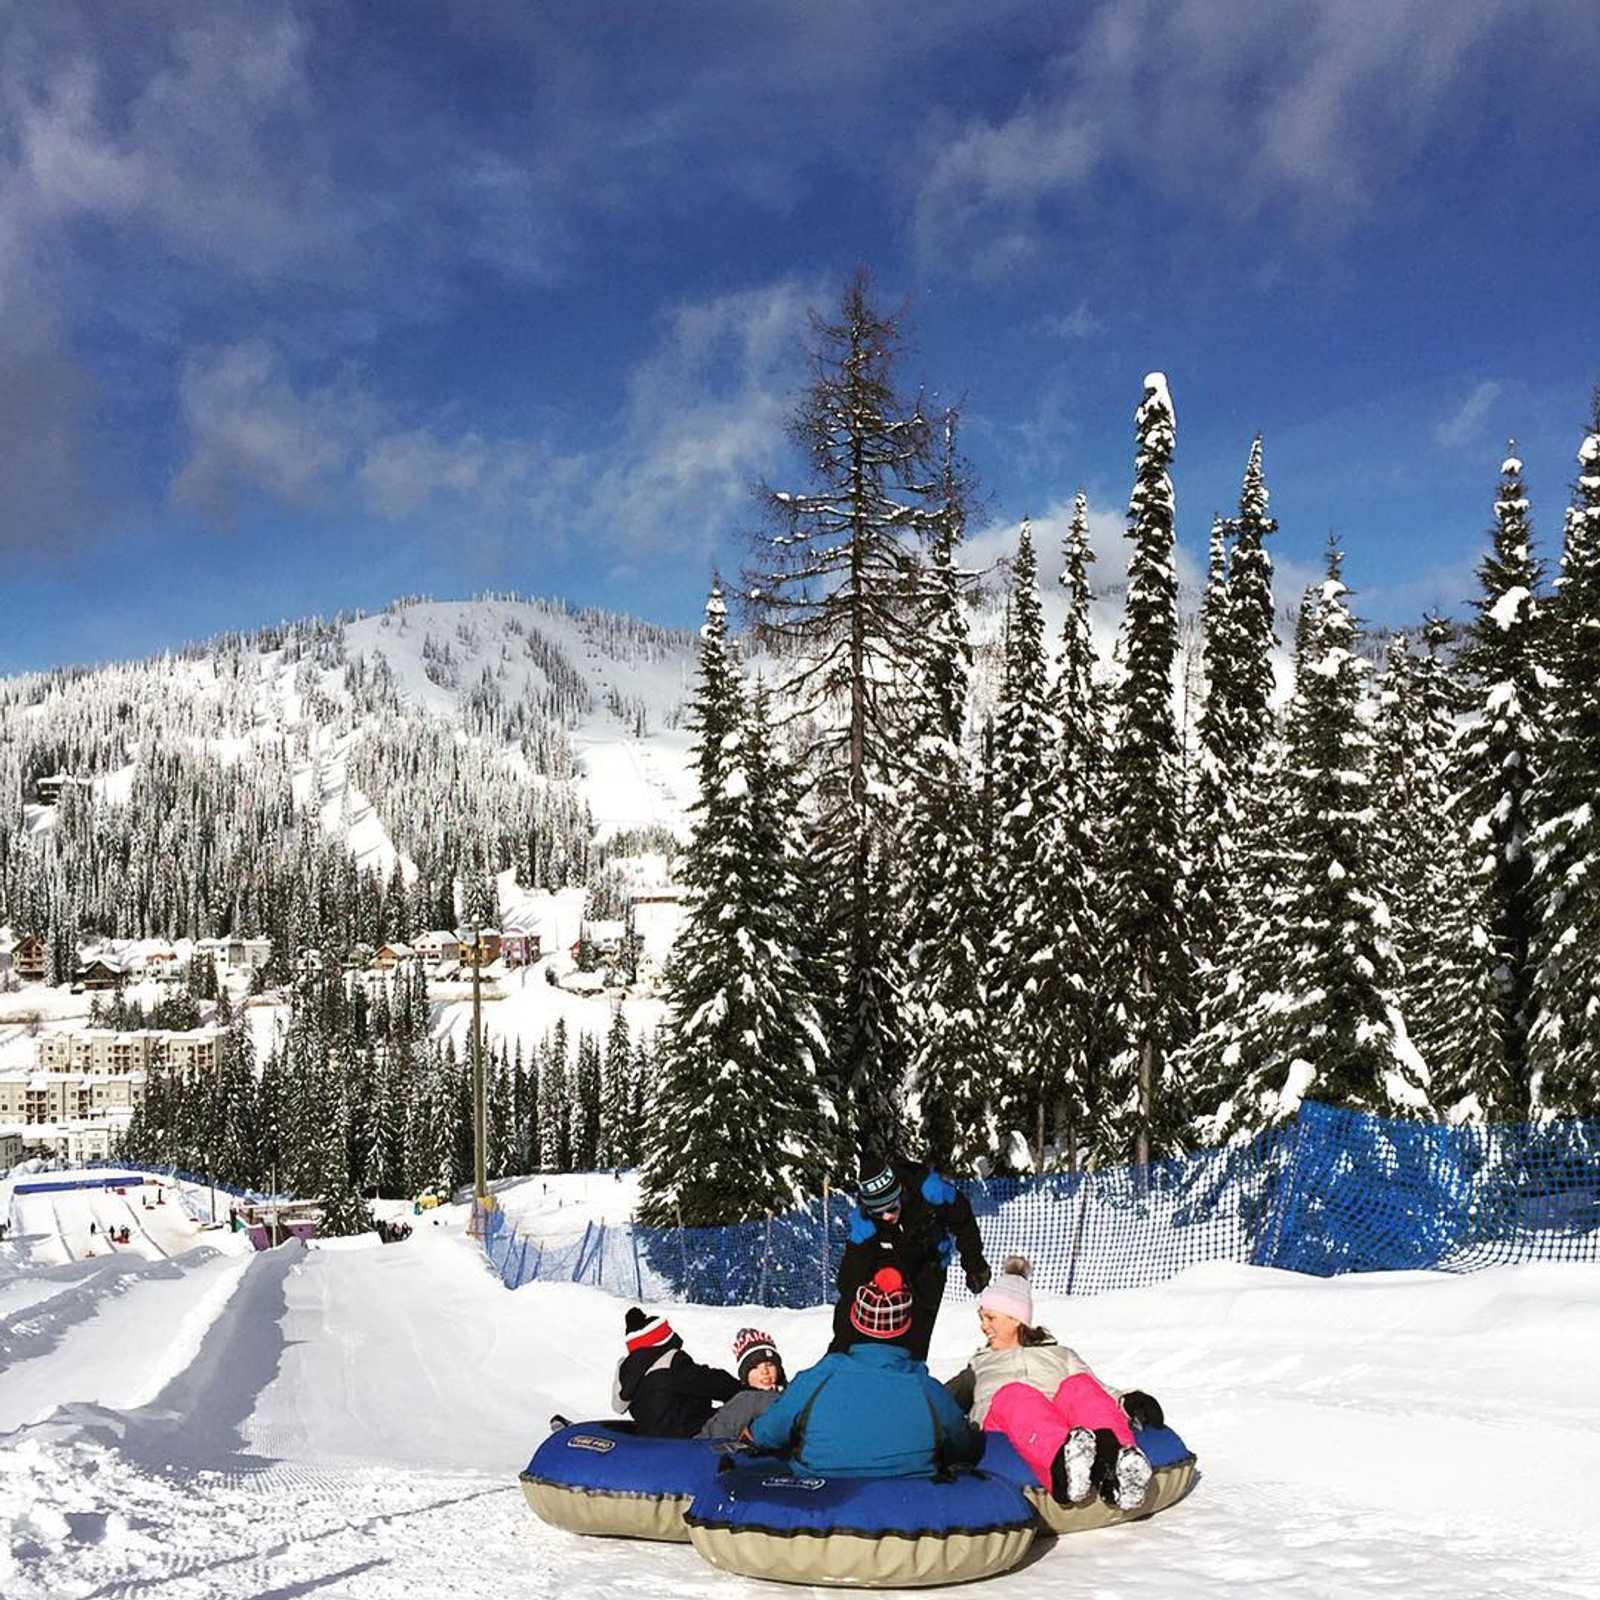 Tubing at SilverStar Mountain Resort